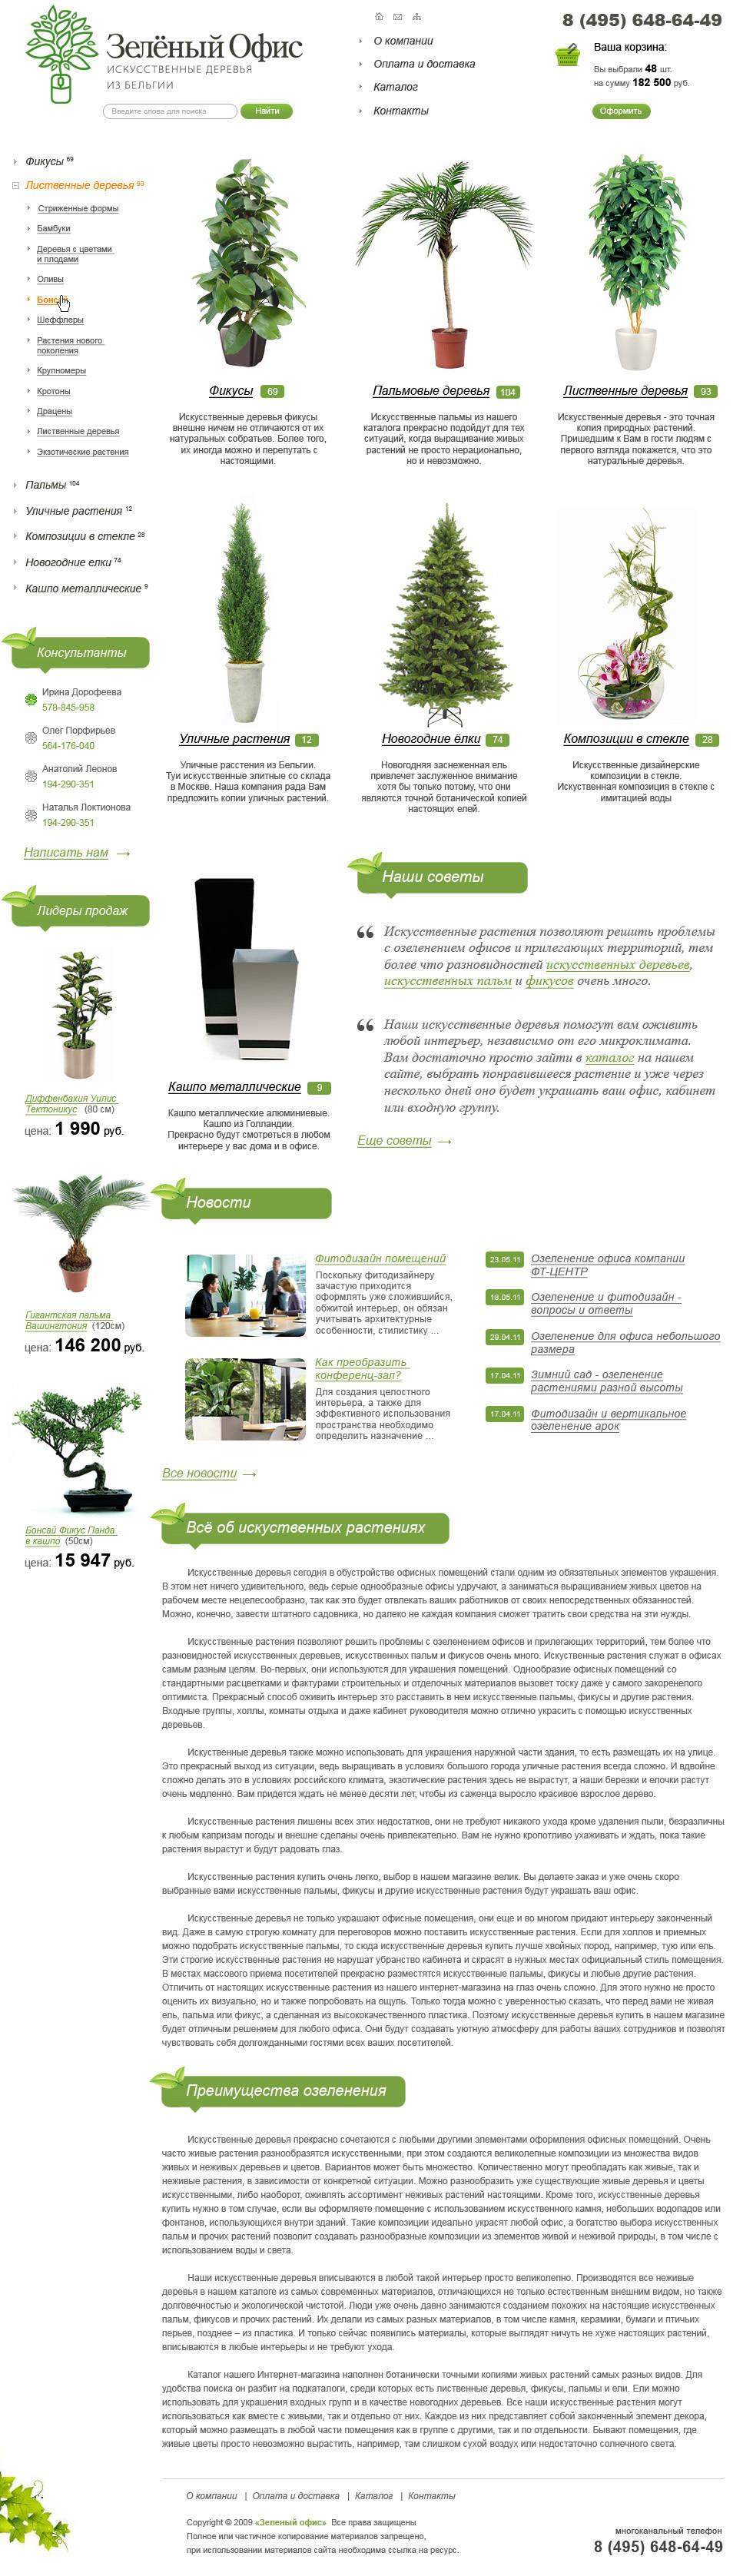 Интернет-магазин «GreenOffice».